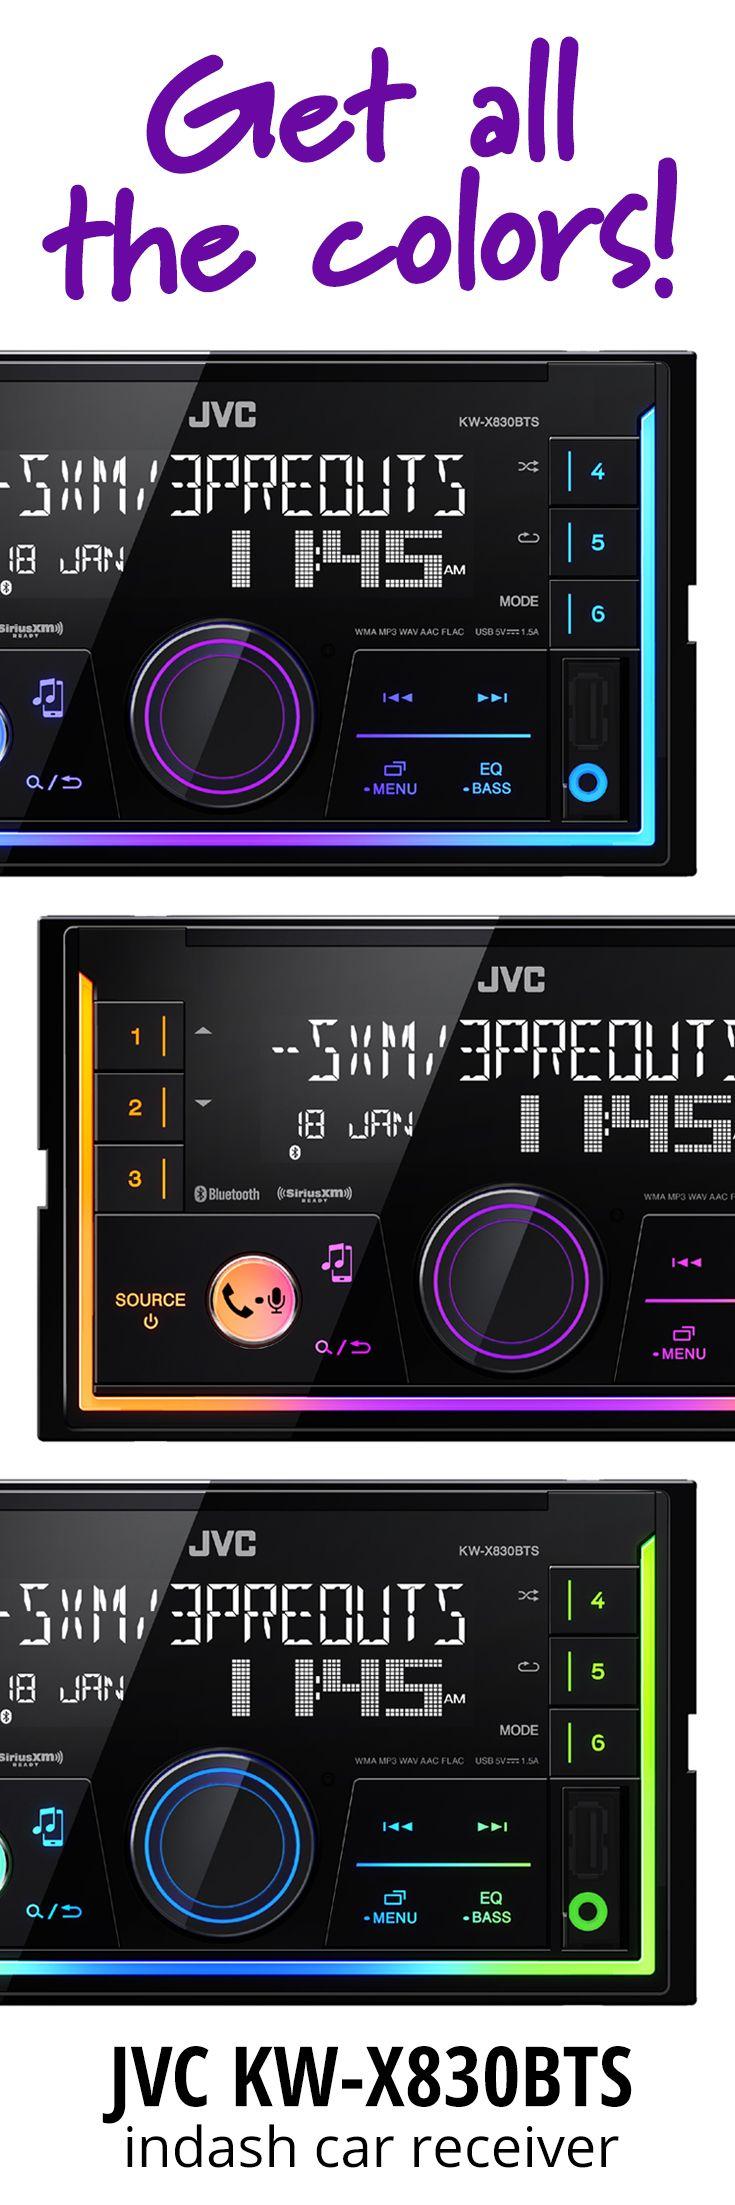 Stereo Speaker Wiring Diagram Kw X830bts Trusted Schematics 18 Jvc Pinterest Tech